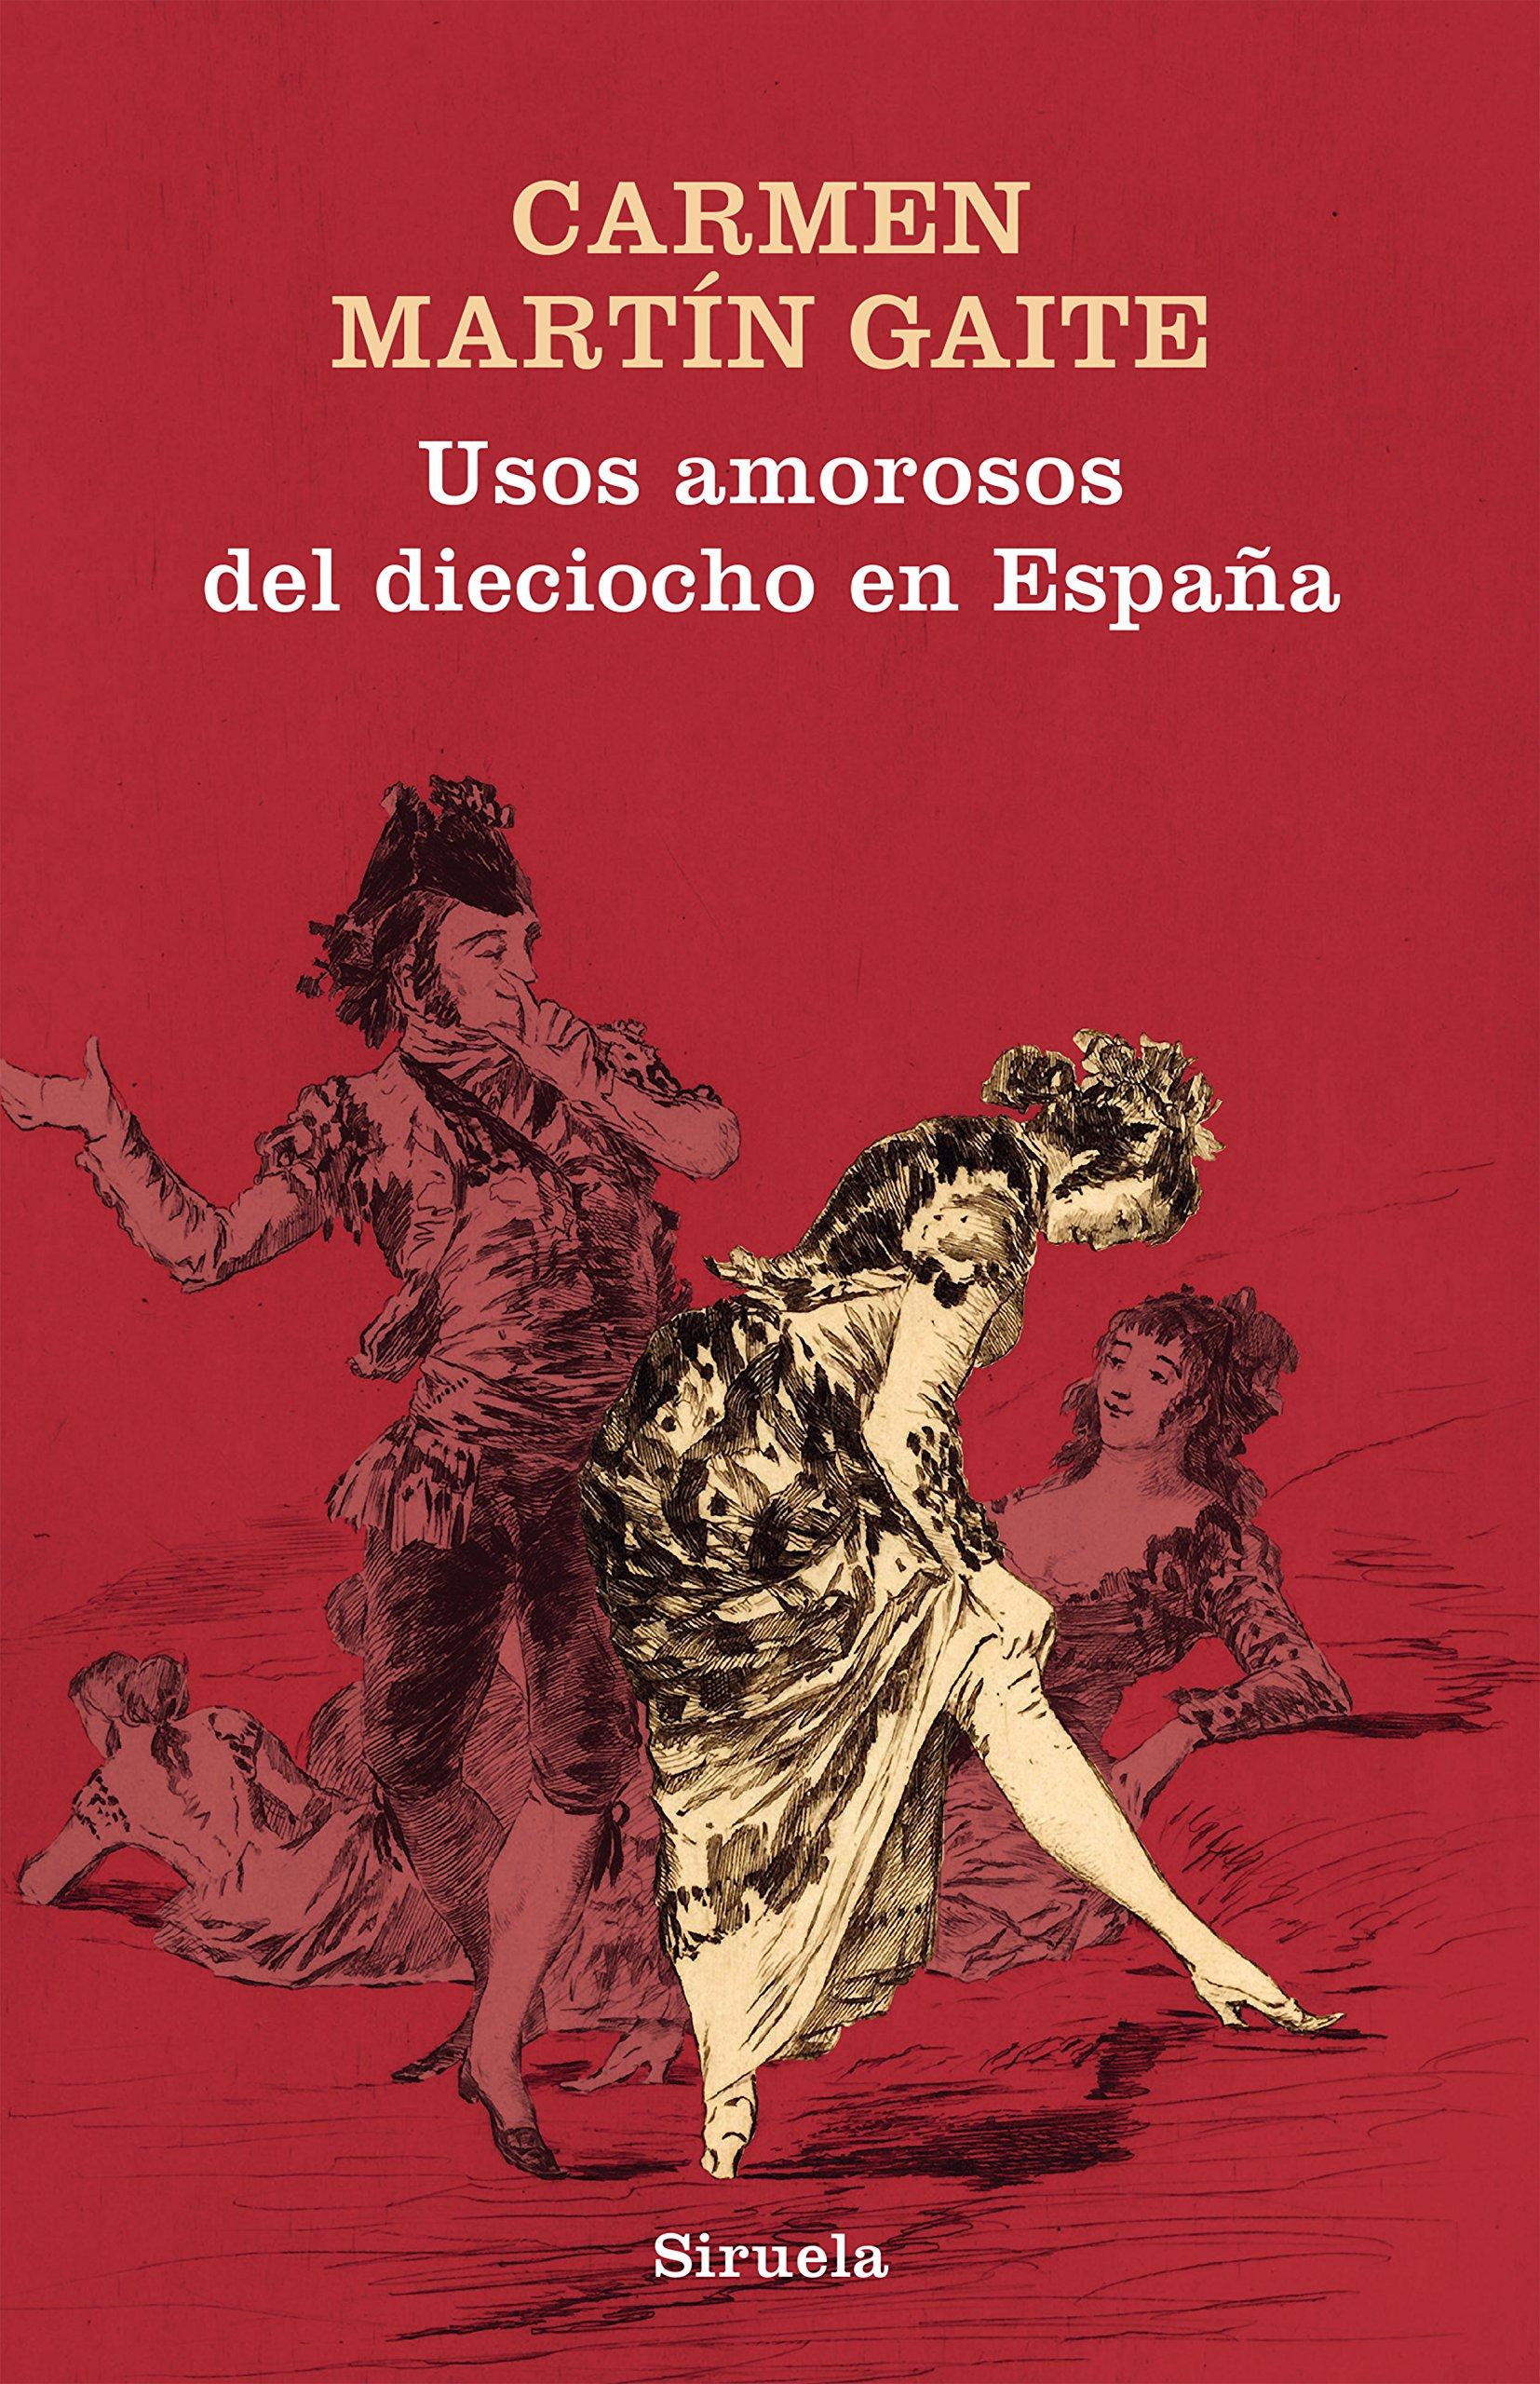 Usos amorosos del dieciocho en España: 352 Libros del Tiempo: Amazon.es: Martín Gaite, Carmen: Libros